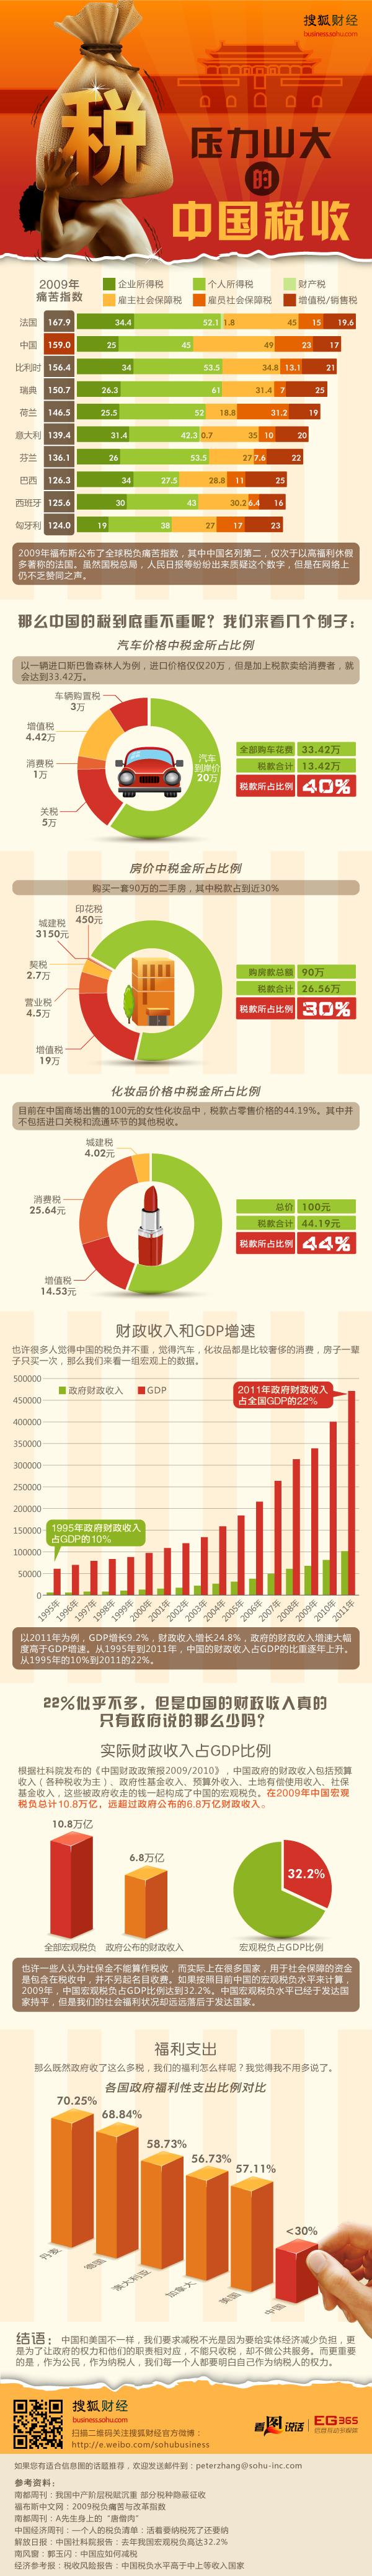 压力山大的中国税负